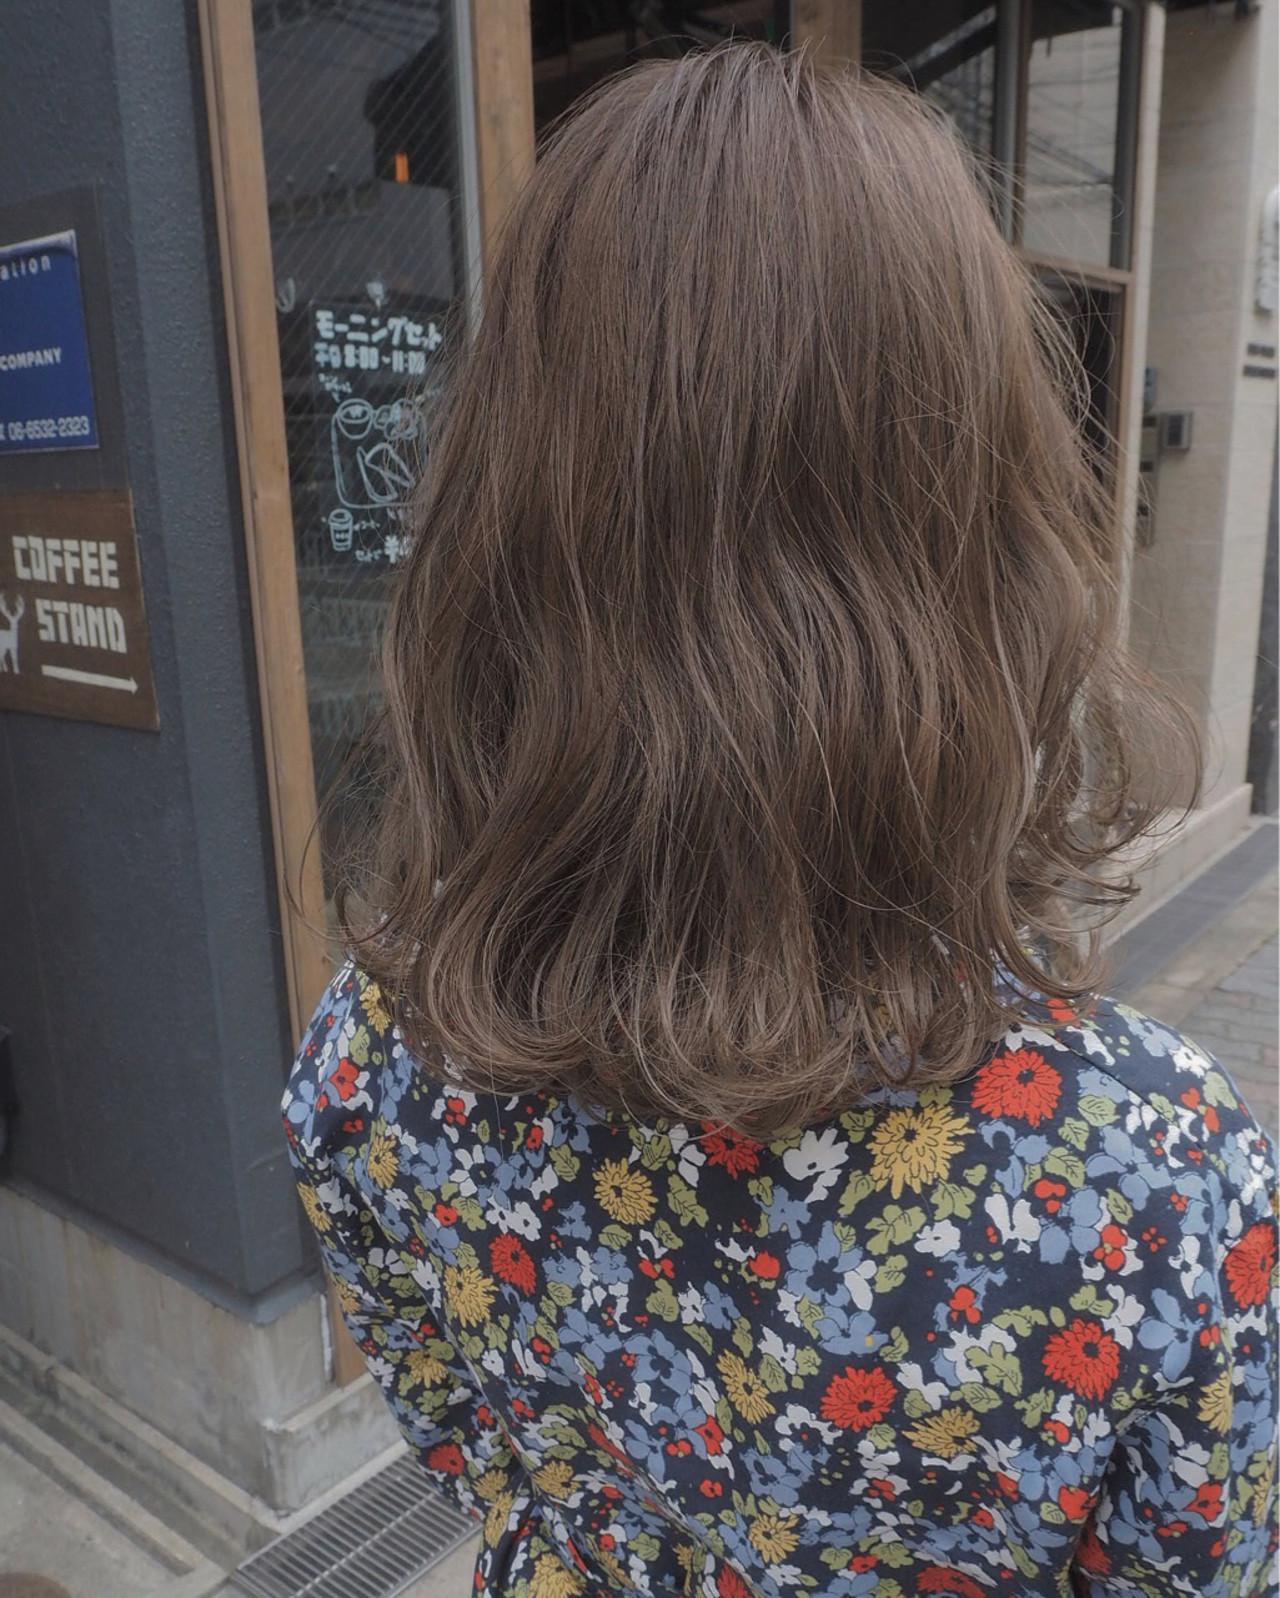 ミディアム イルミナカラー アンニュイ デート ヘアスタイルや髪型の写真・画像 | 宮迫 真美 / airfeel